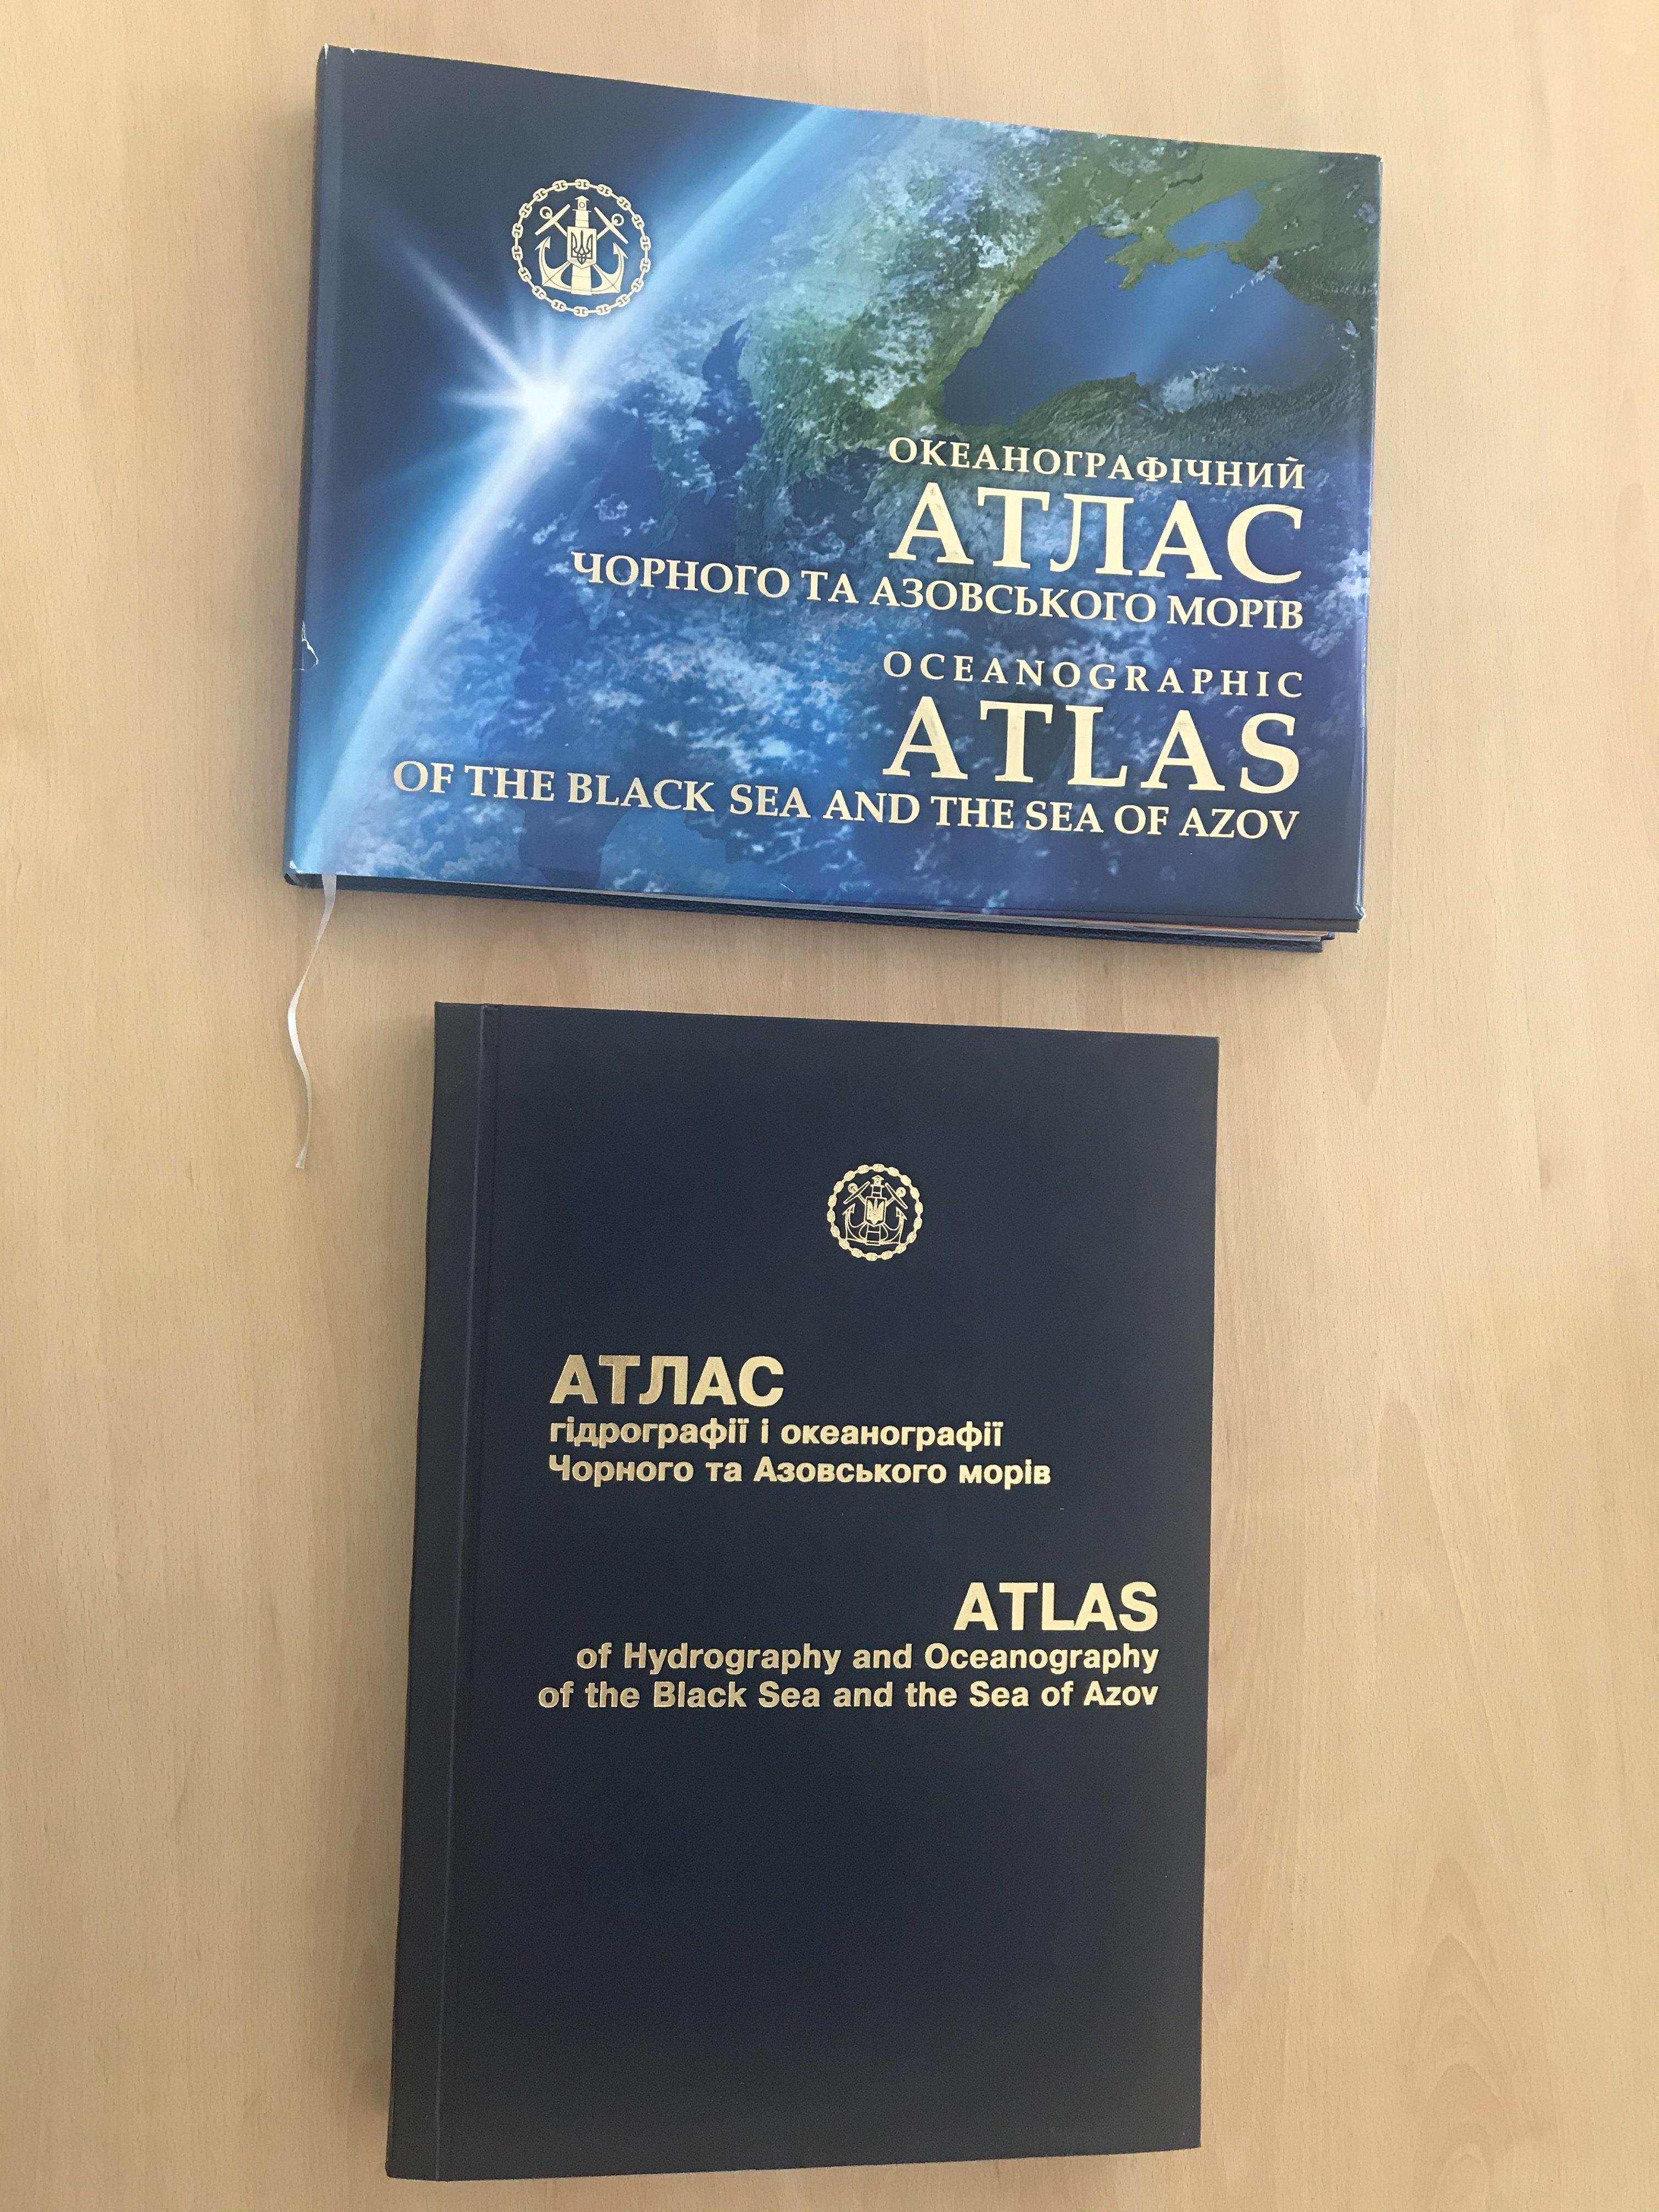 Держгідрографія анонсує вихід Атласу гідрографії і океанографії Чорного та Азовського морів